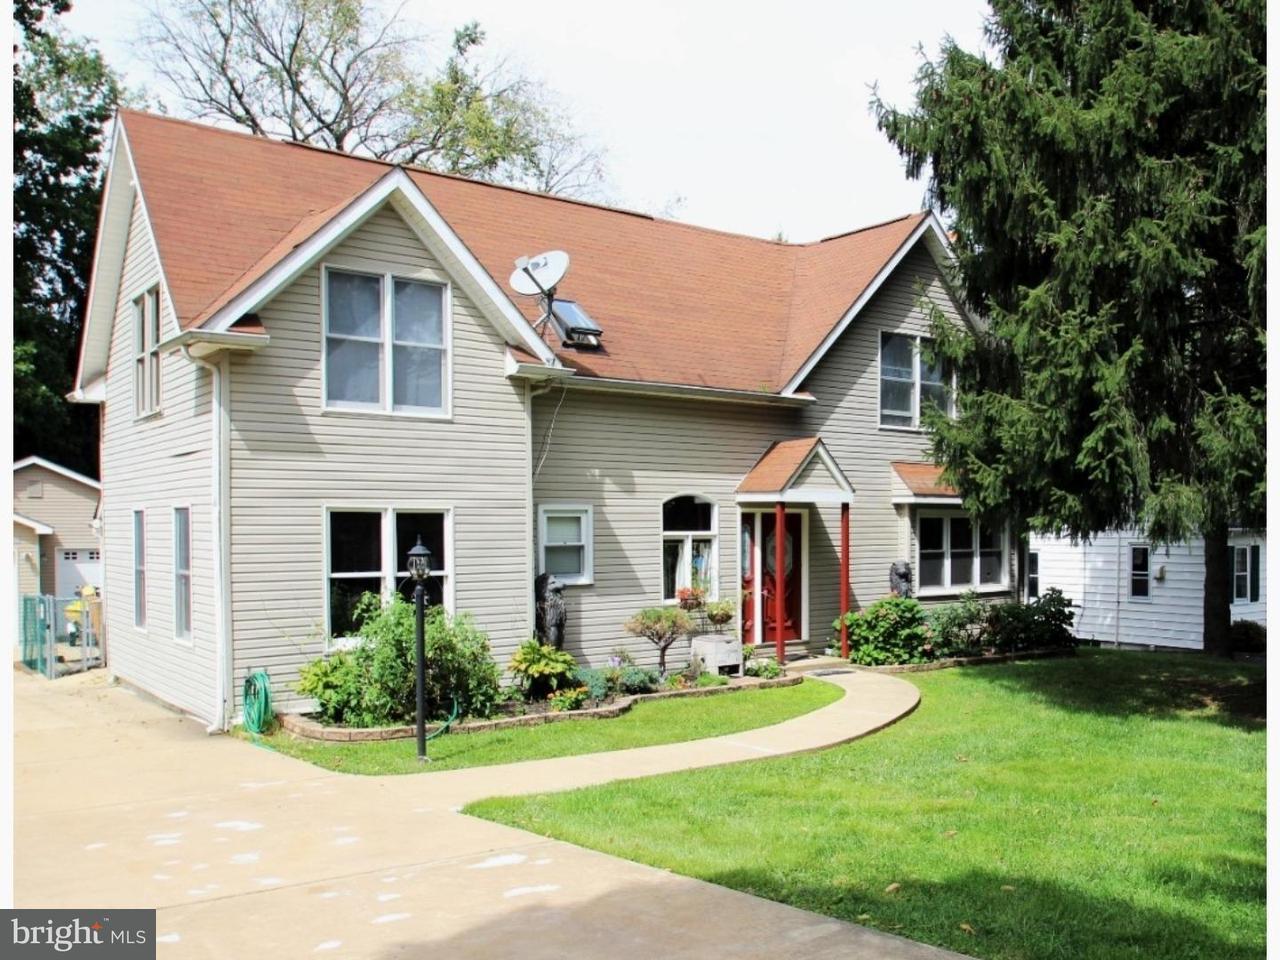 Частный односемейный дом для того Продажа на 2020 MILL Road Marcus Hook, Пенсильвания 19061 Соединенные Штаты